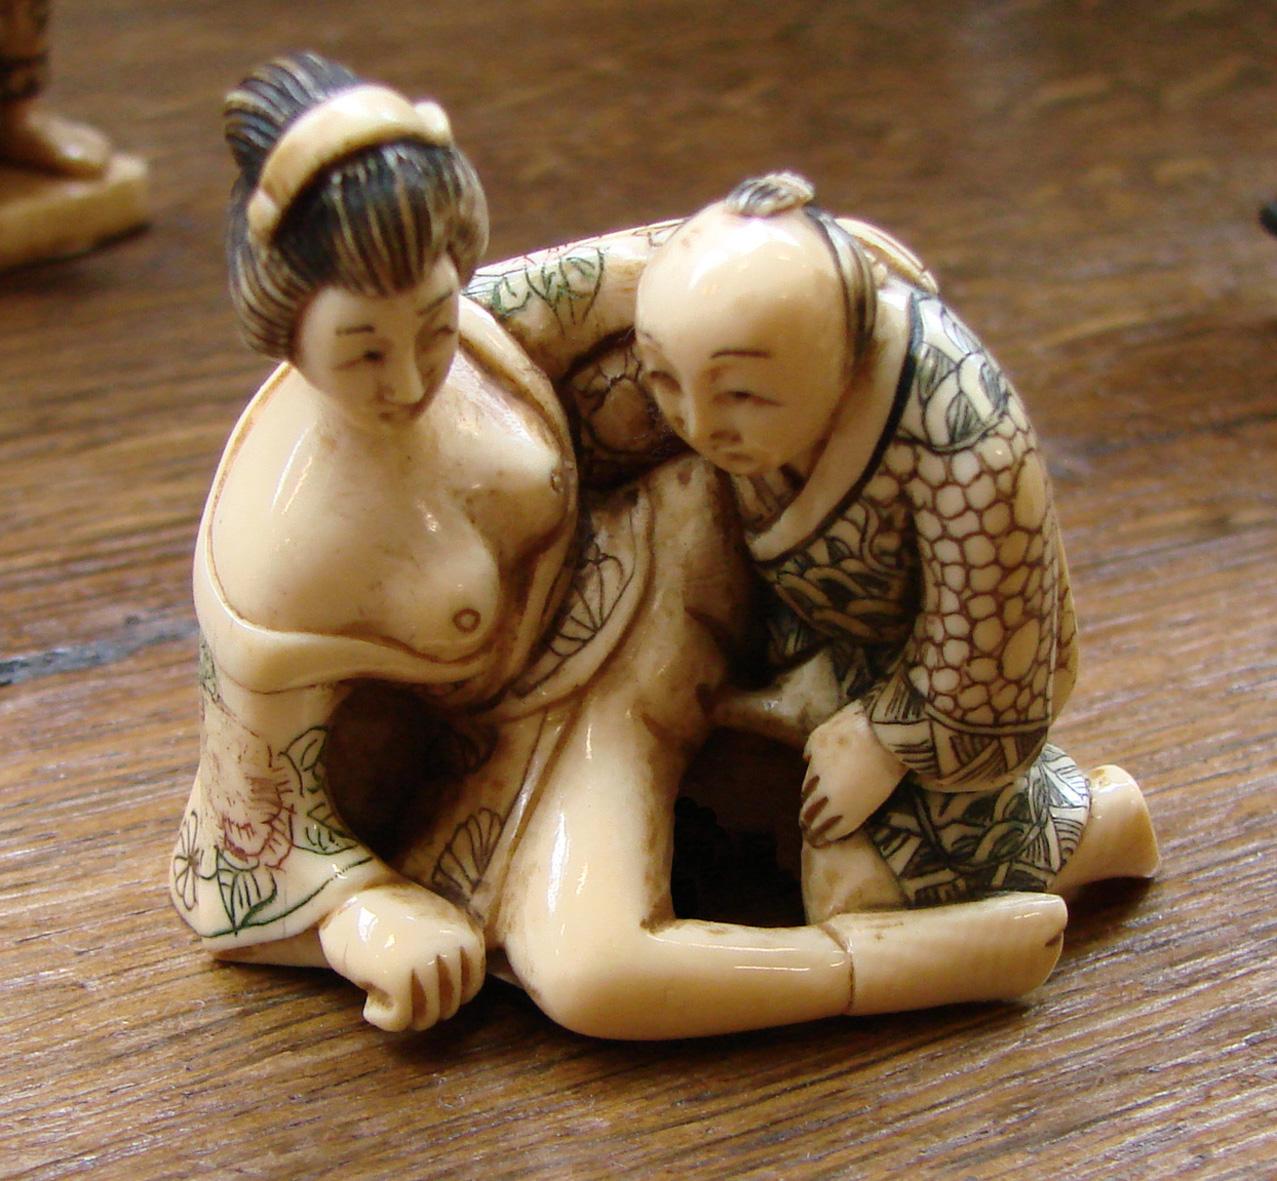 В законе отличие эротики от порно рк